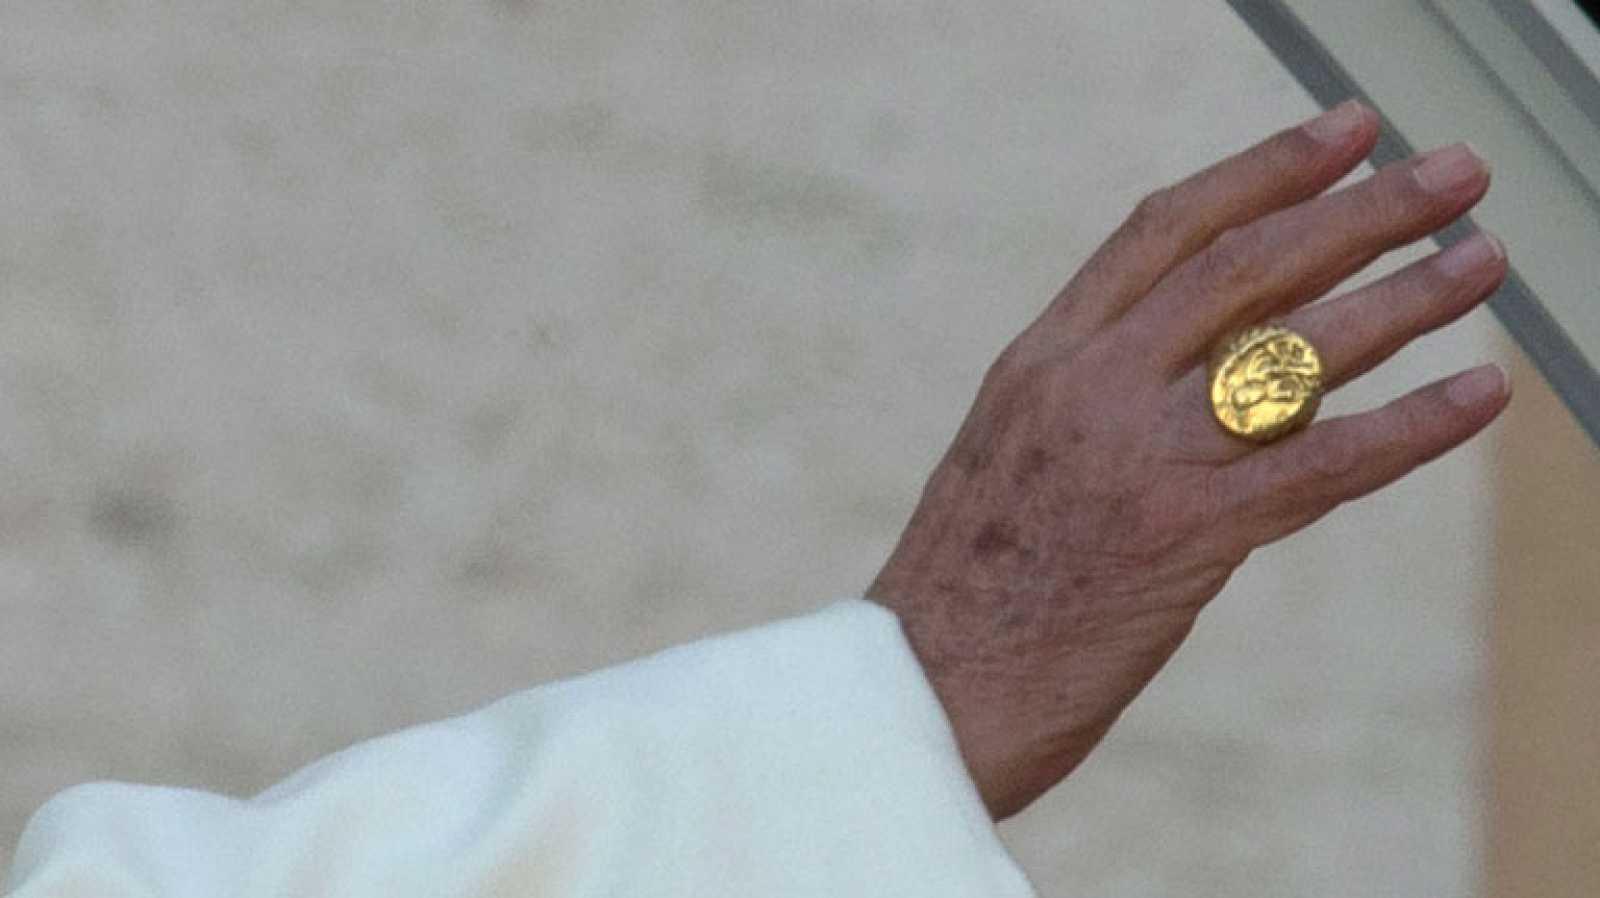 El anillo papal o anillo del pescador es un símbolo exclusivo de cada pontífice y se utiliza como sello de los documentos que firma